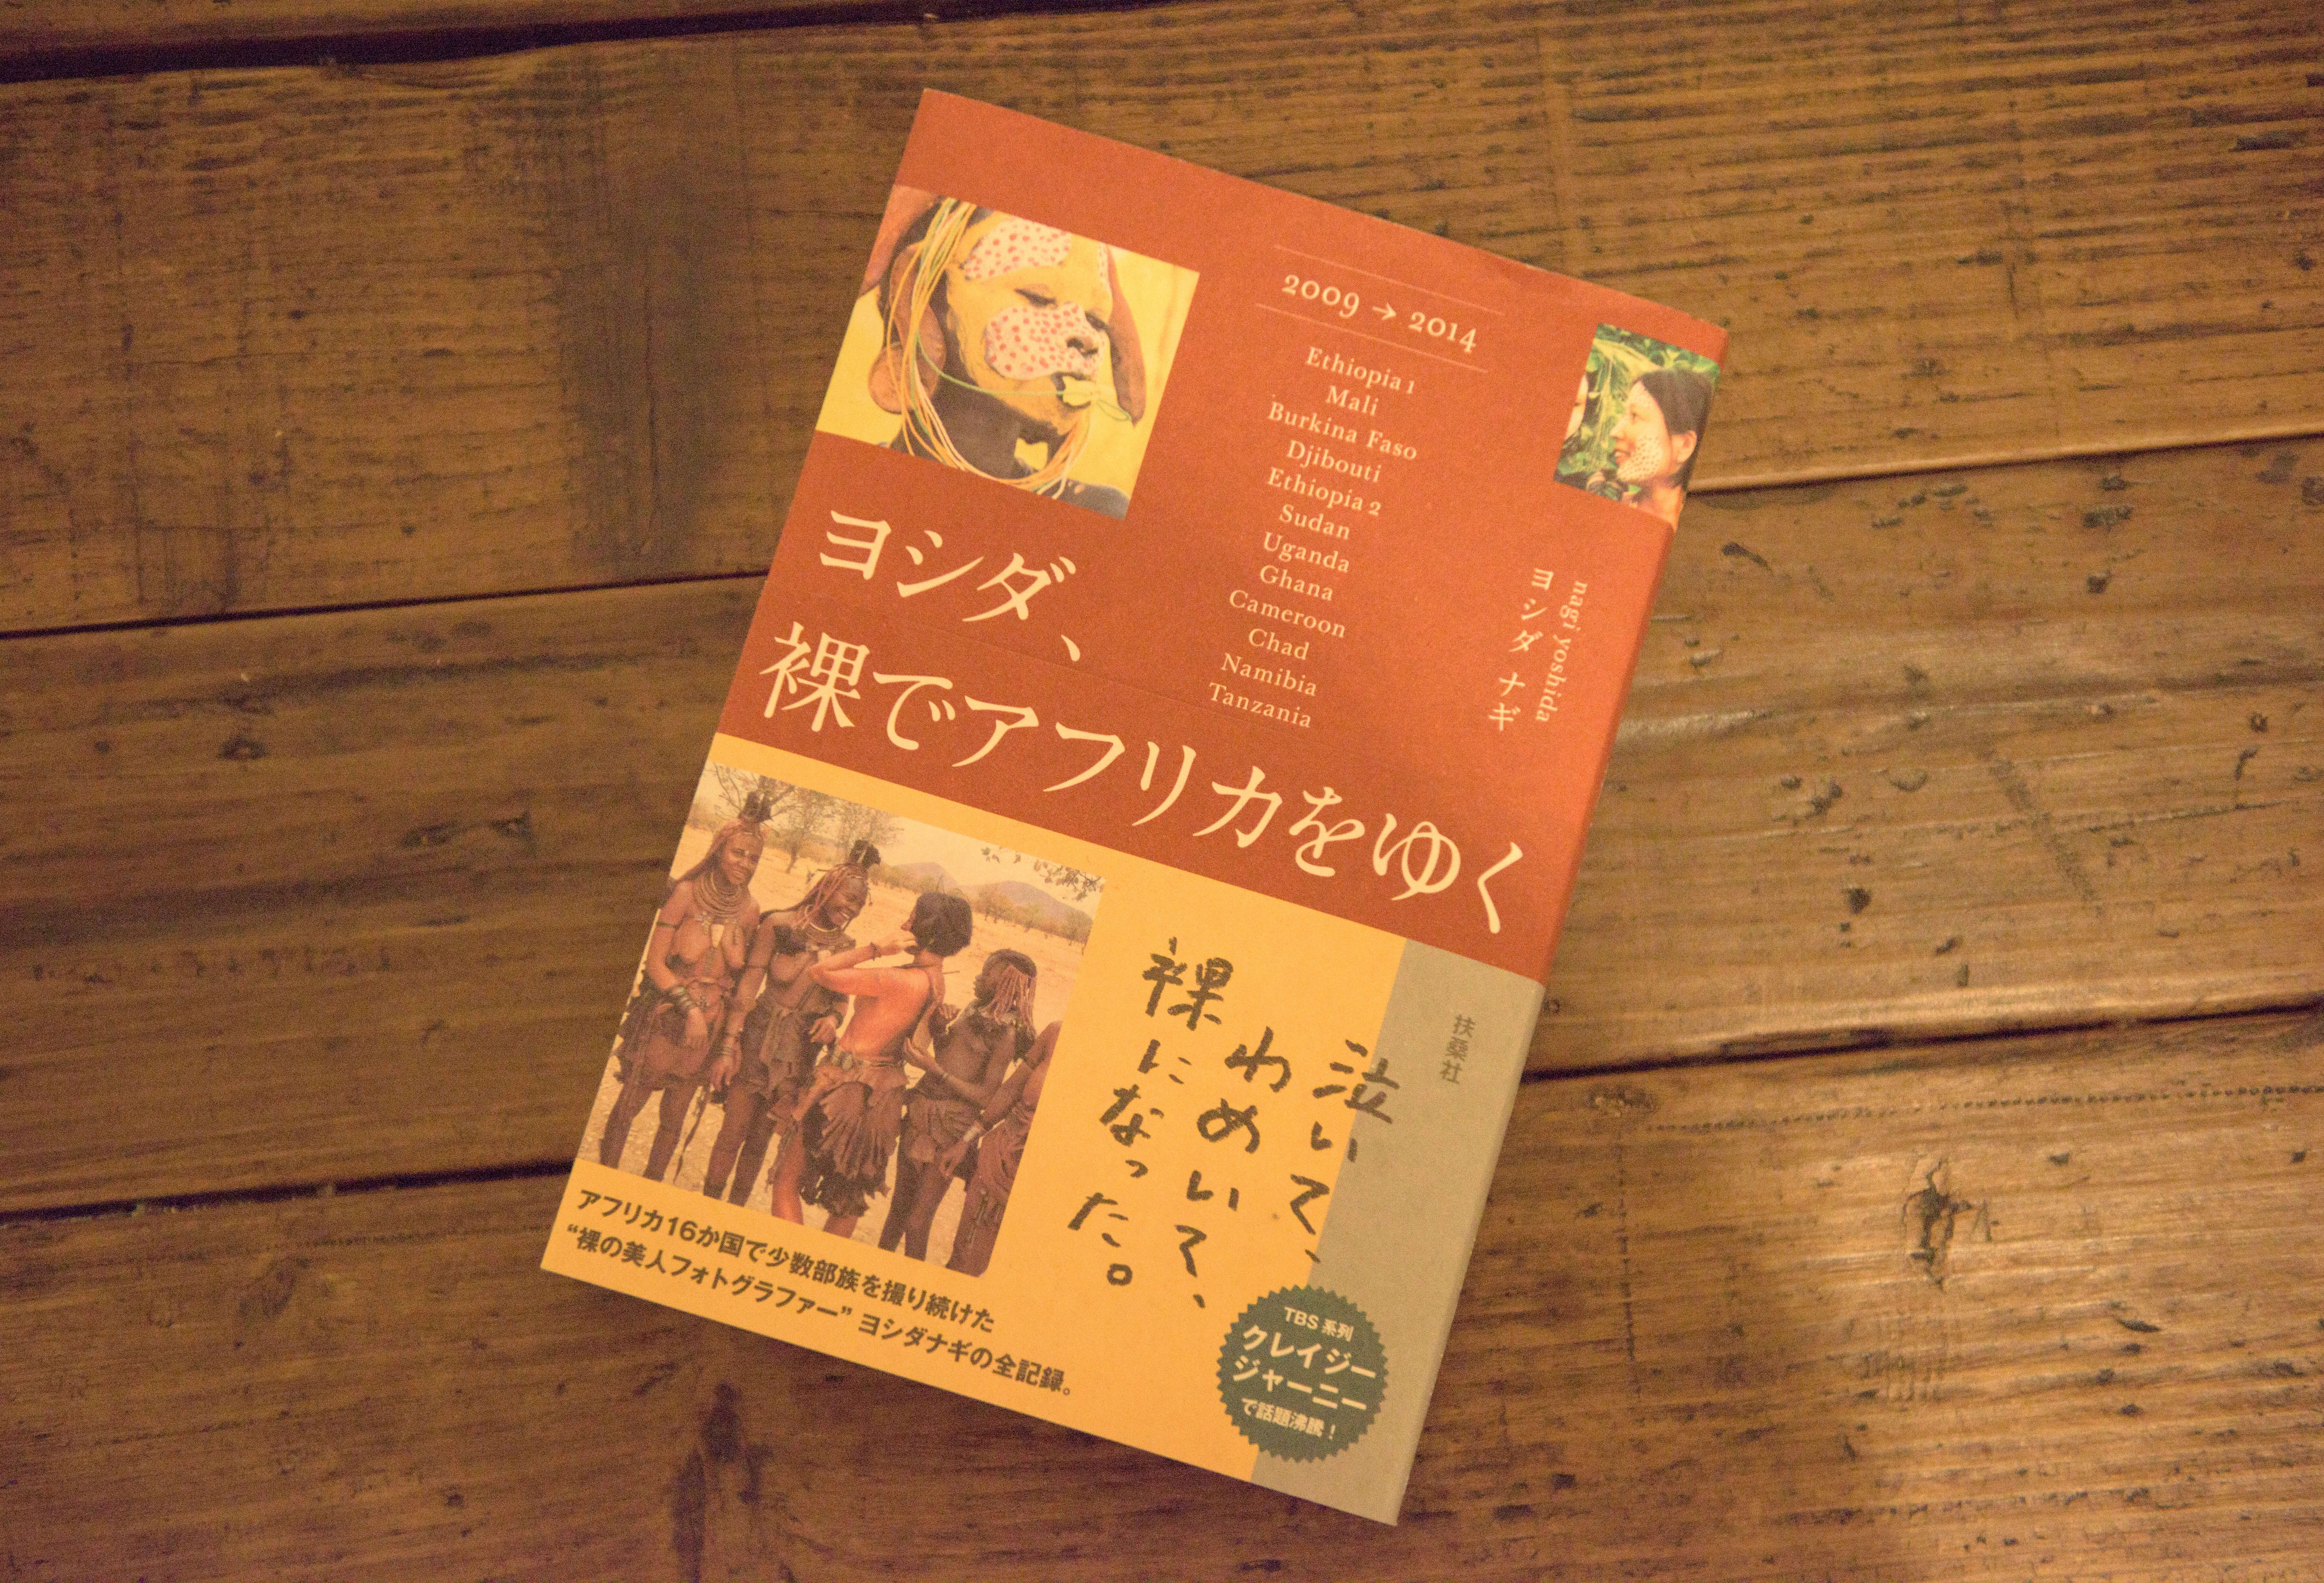 ヨシダナギ著のブログ本